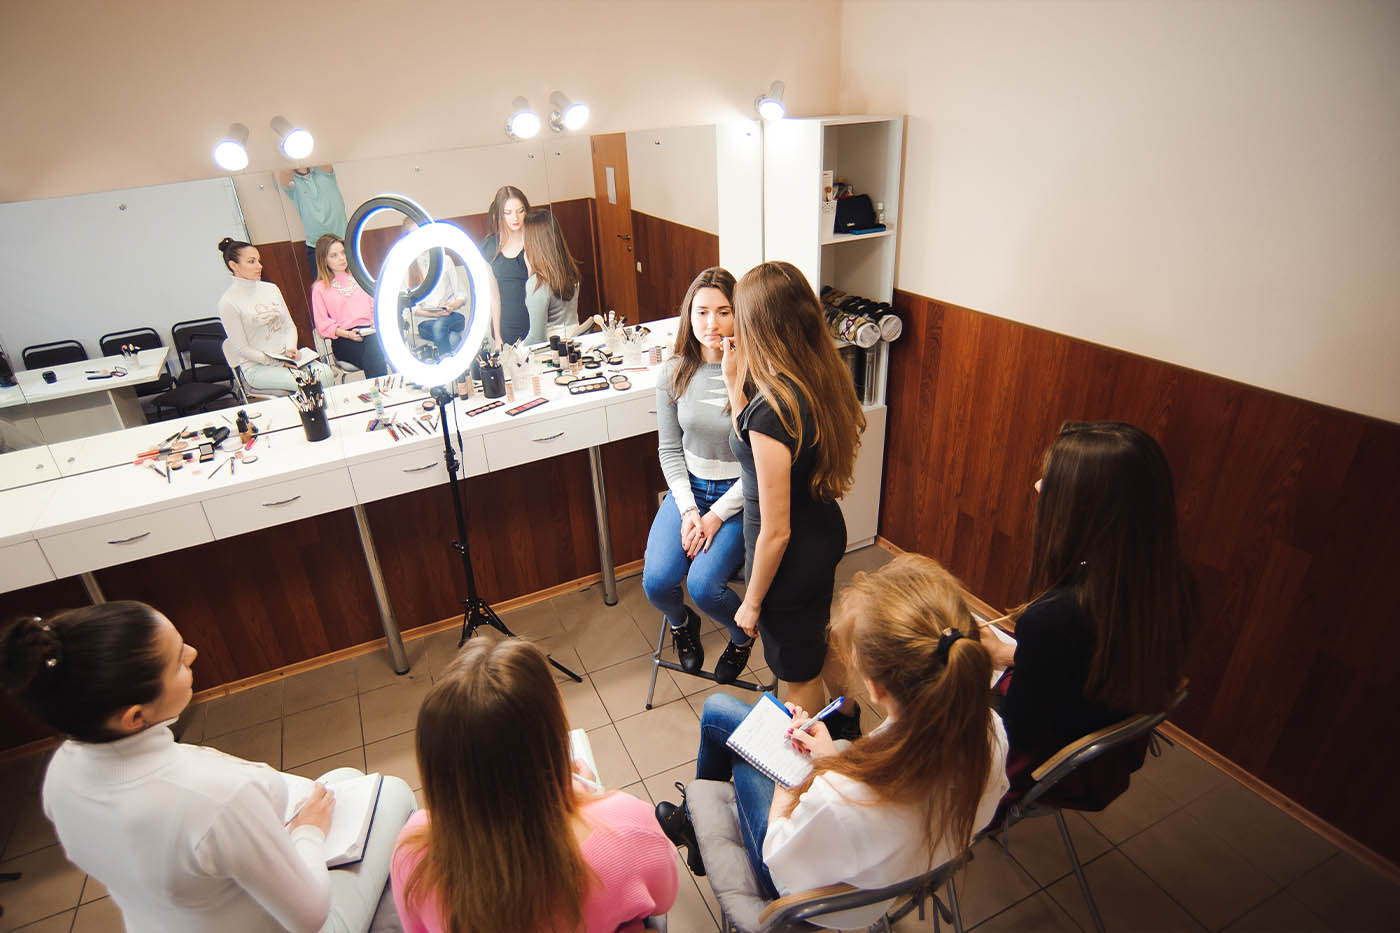 India's biggest Cidesco beauty school opens in Indore